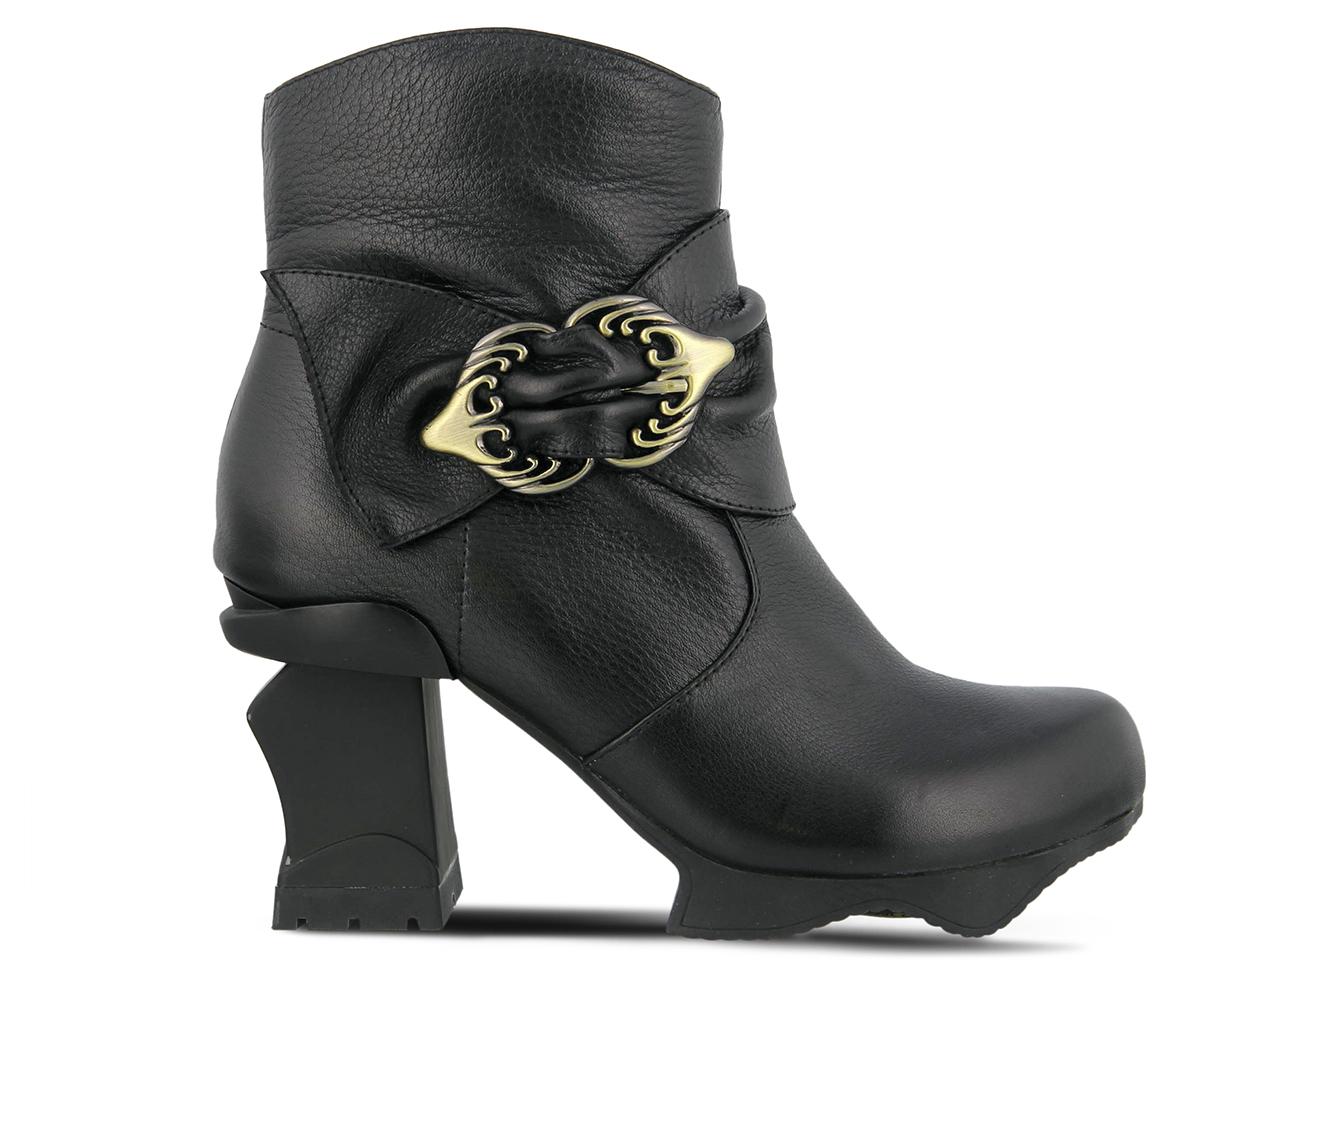 L'Artiste Natia Women's Boots (Black Leather)